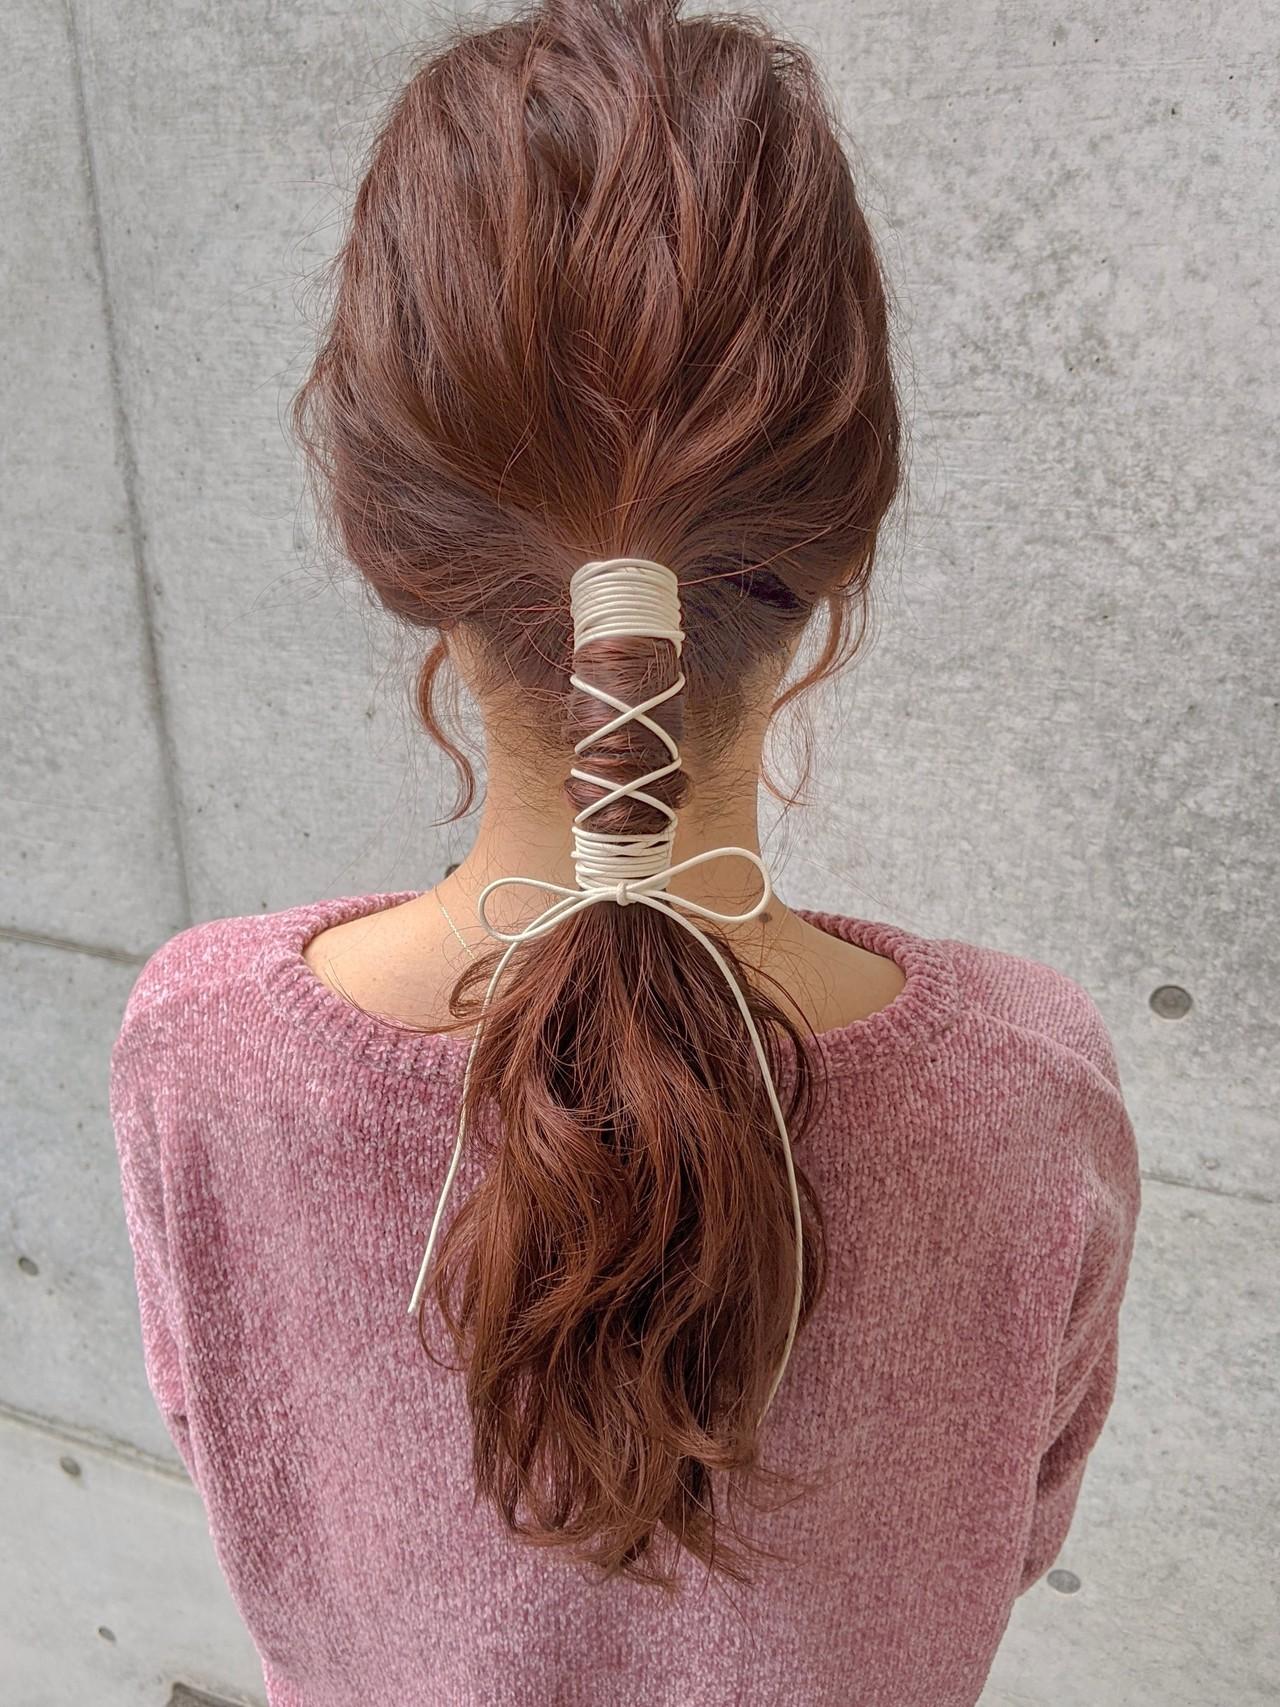 ラズベリーピンク ロング リボンアレンジ ピンクブラウン ヘアスタイルや髪型の写真・画像